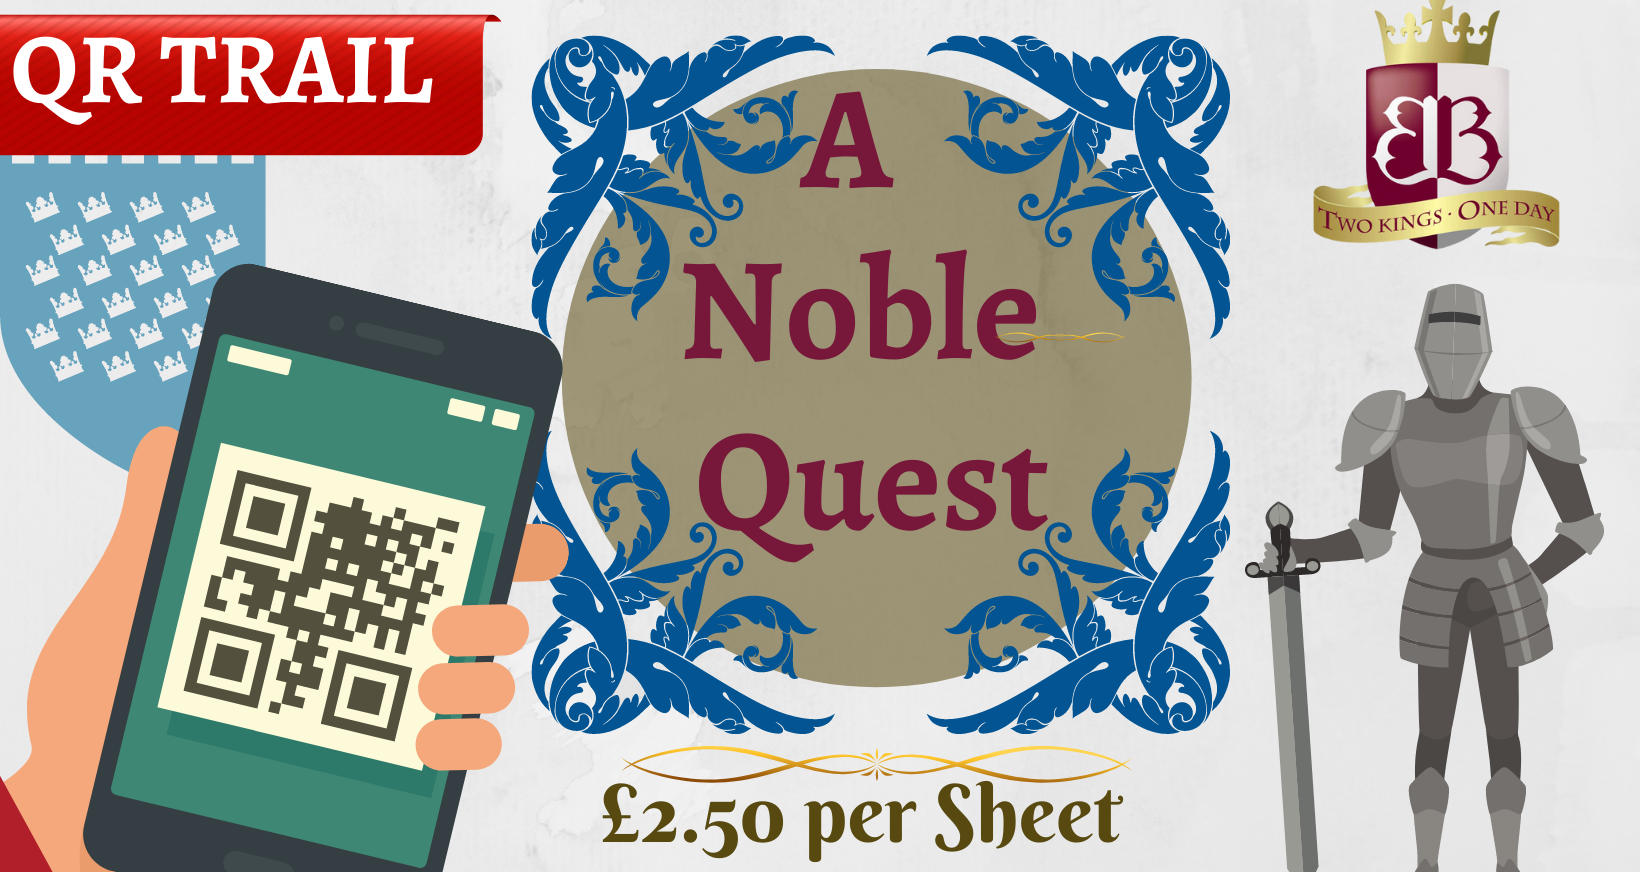 A Noble Quest - QR Trail